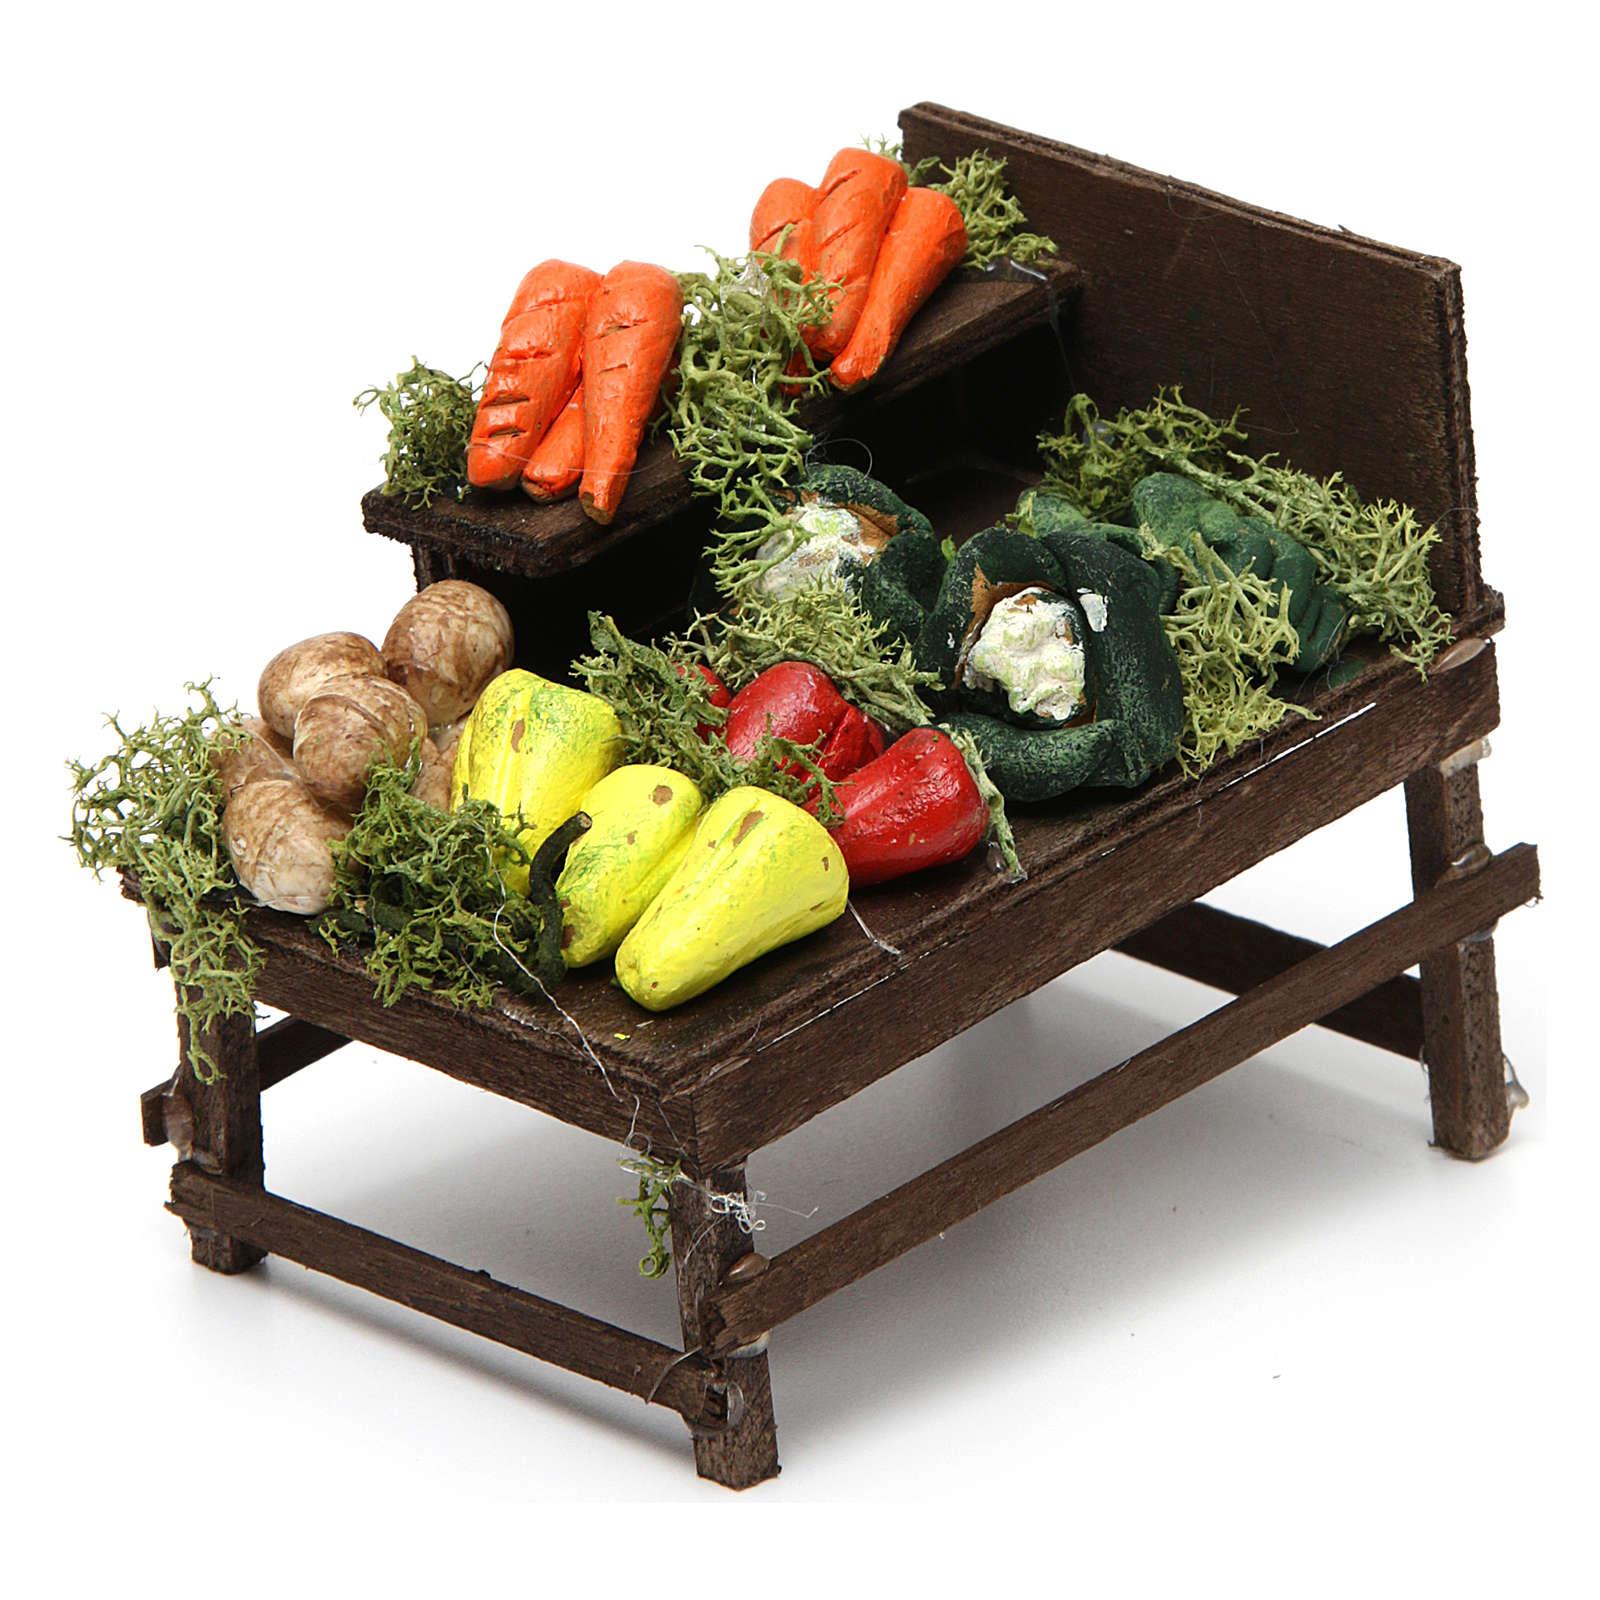 Décor crèche comptoir fruits et légumes terre cuite 4